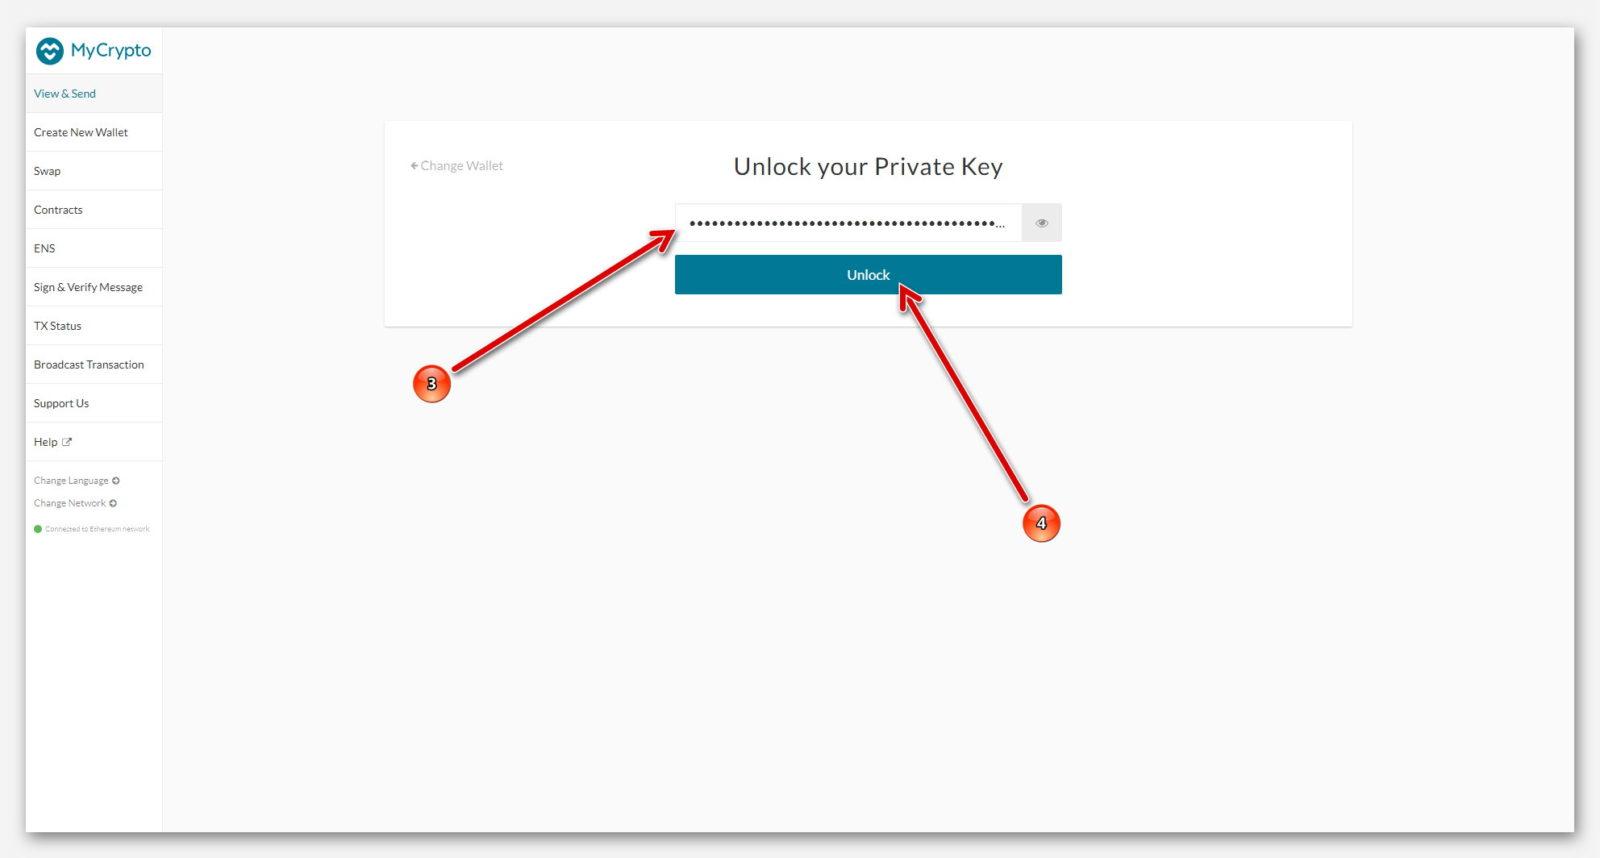 Входим в кошелёк MyCrypto, с помощью приватного ключа